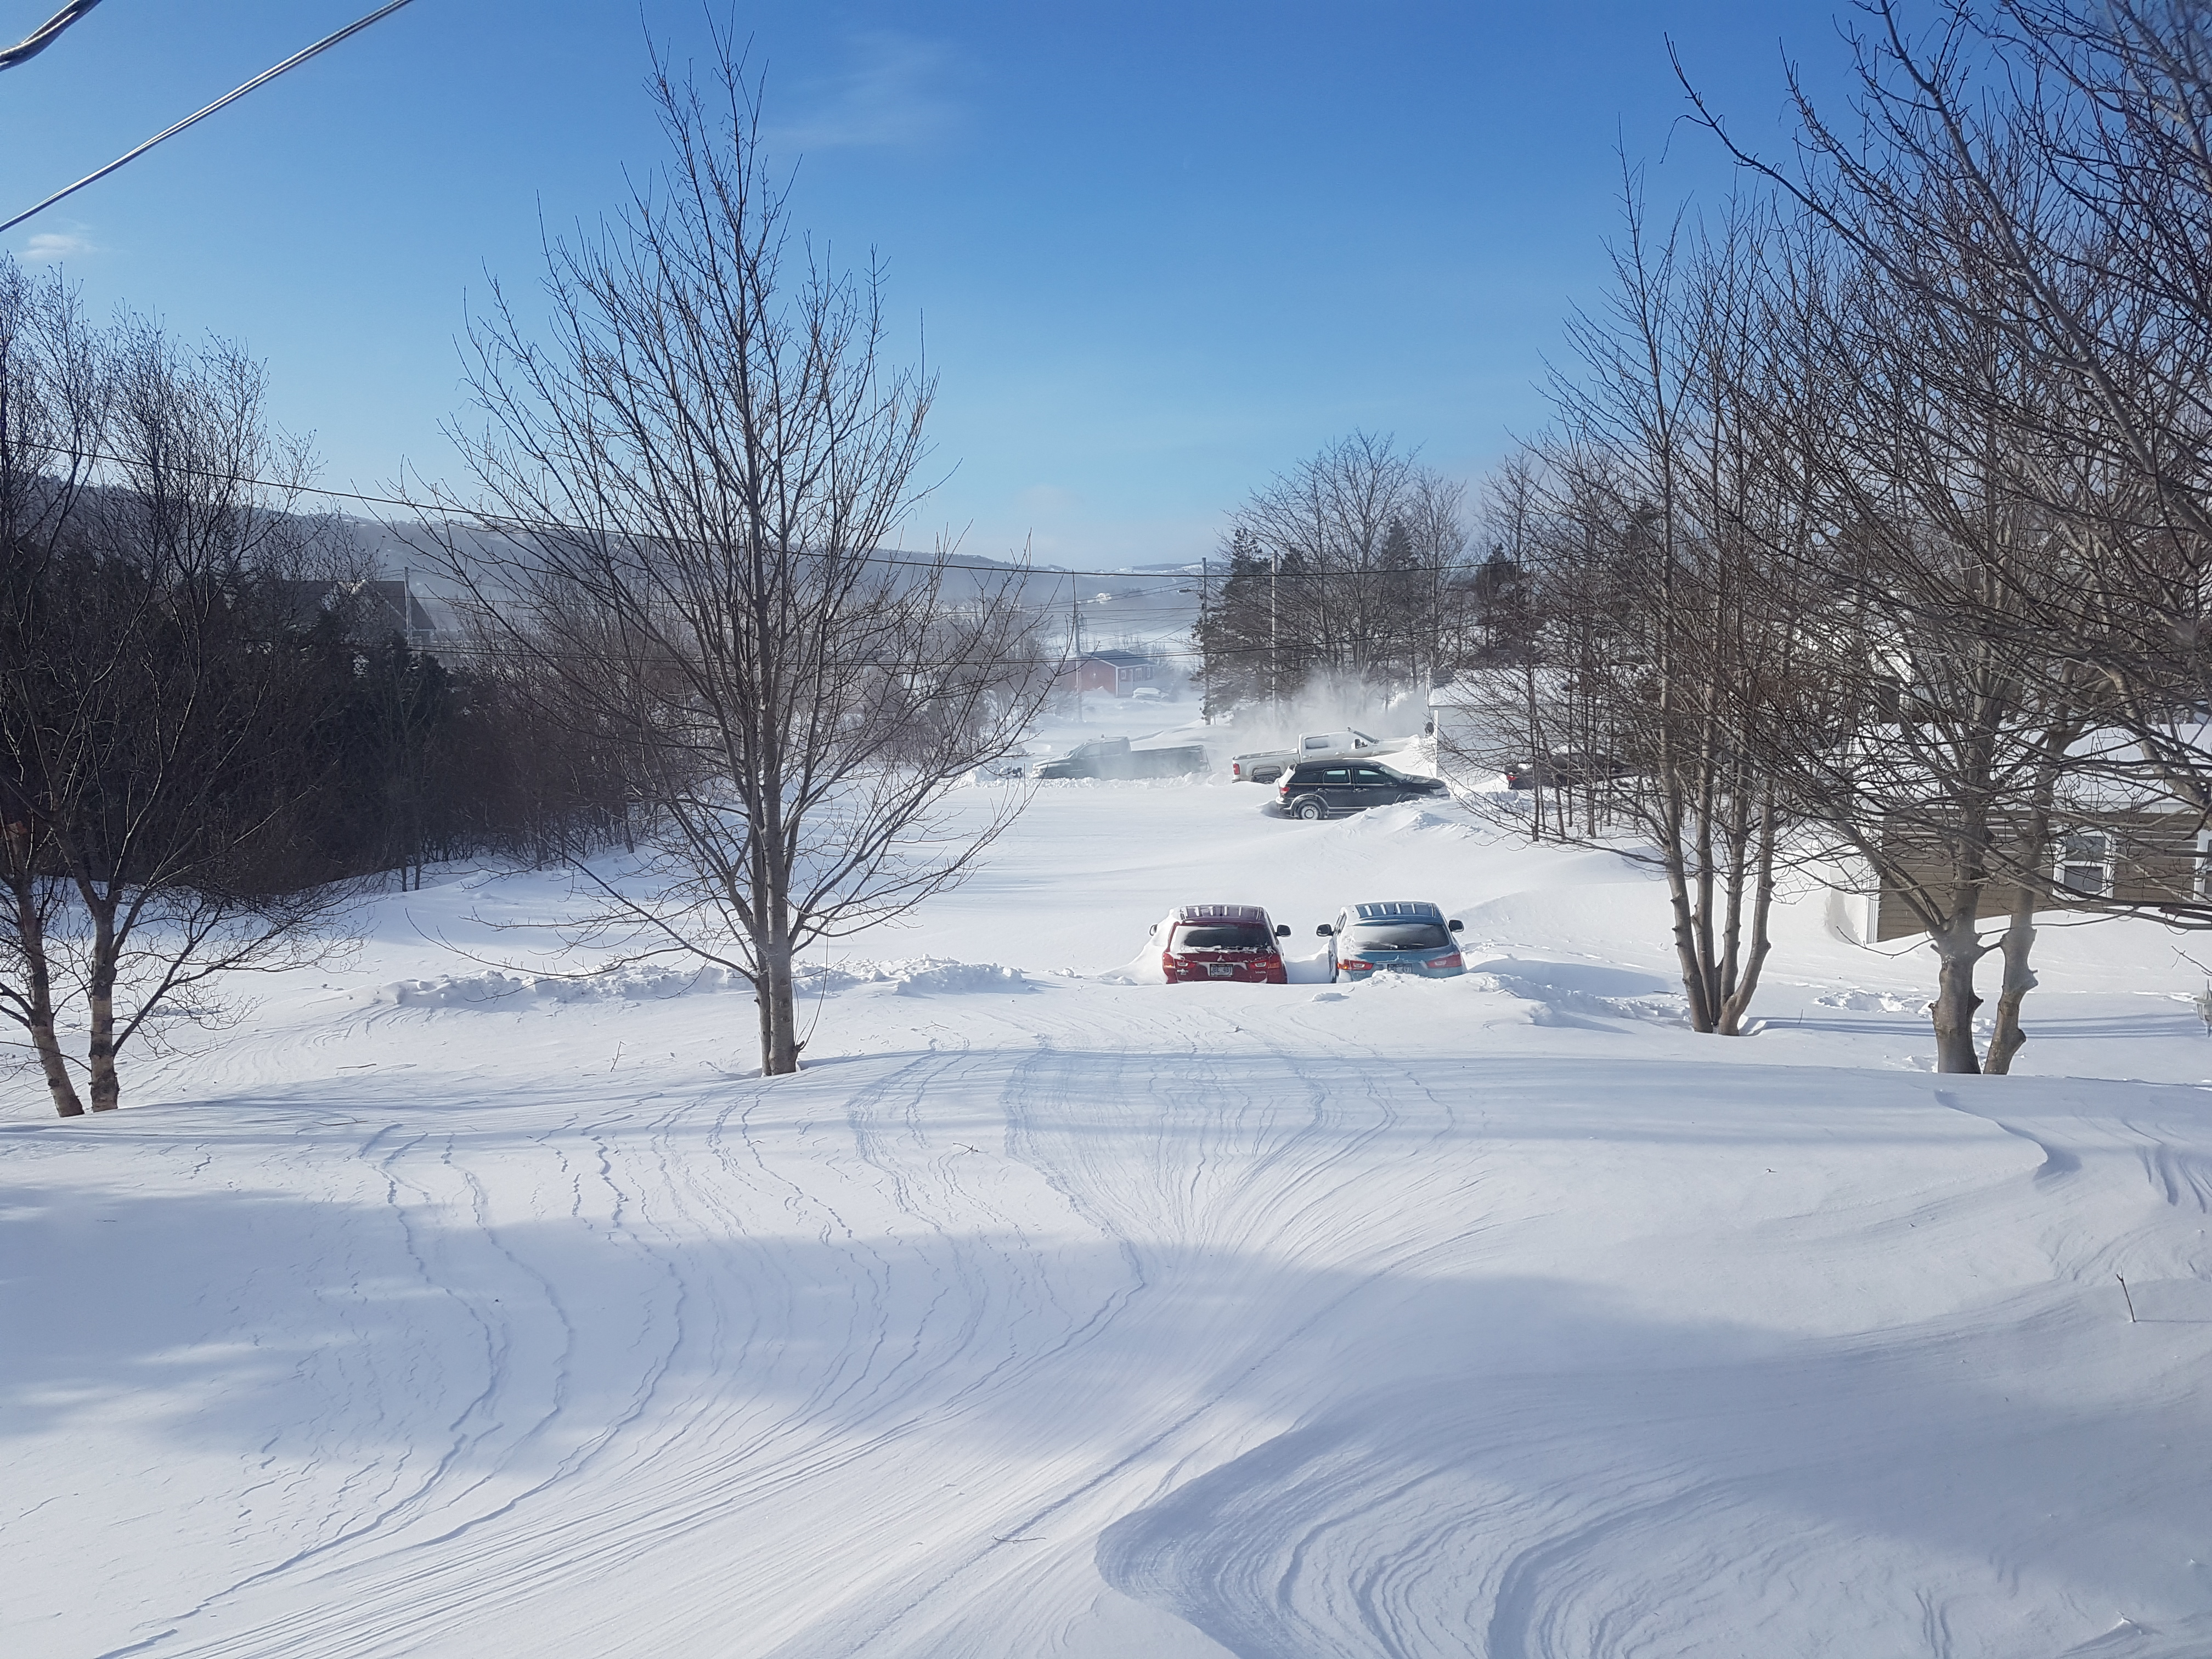 Jan 18, 2020 snow